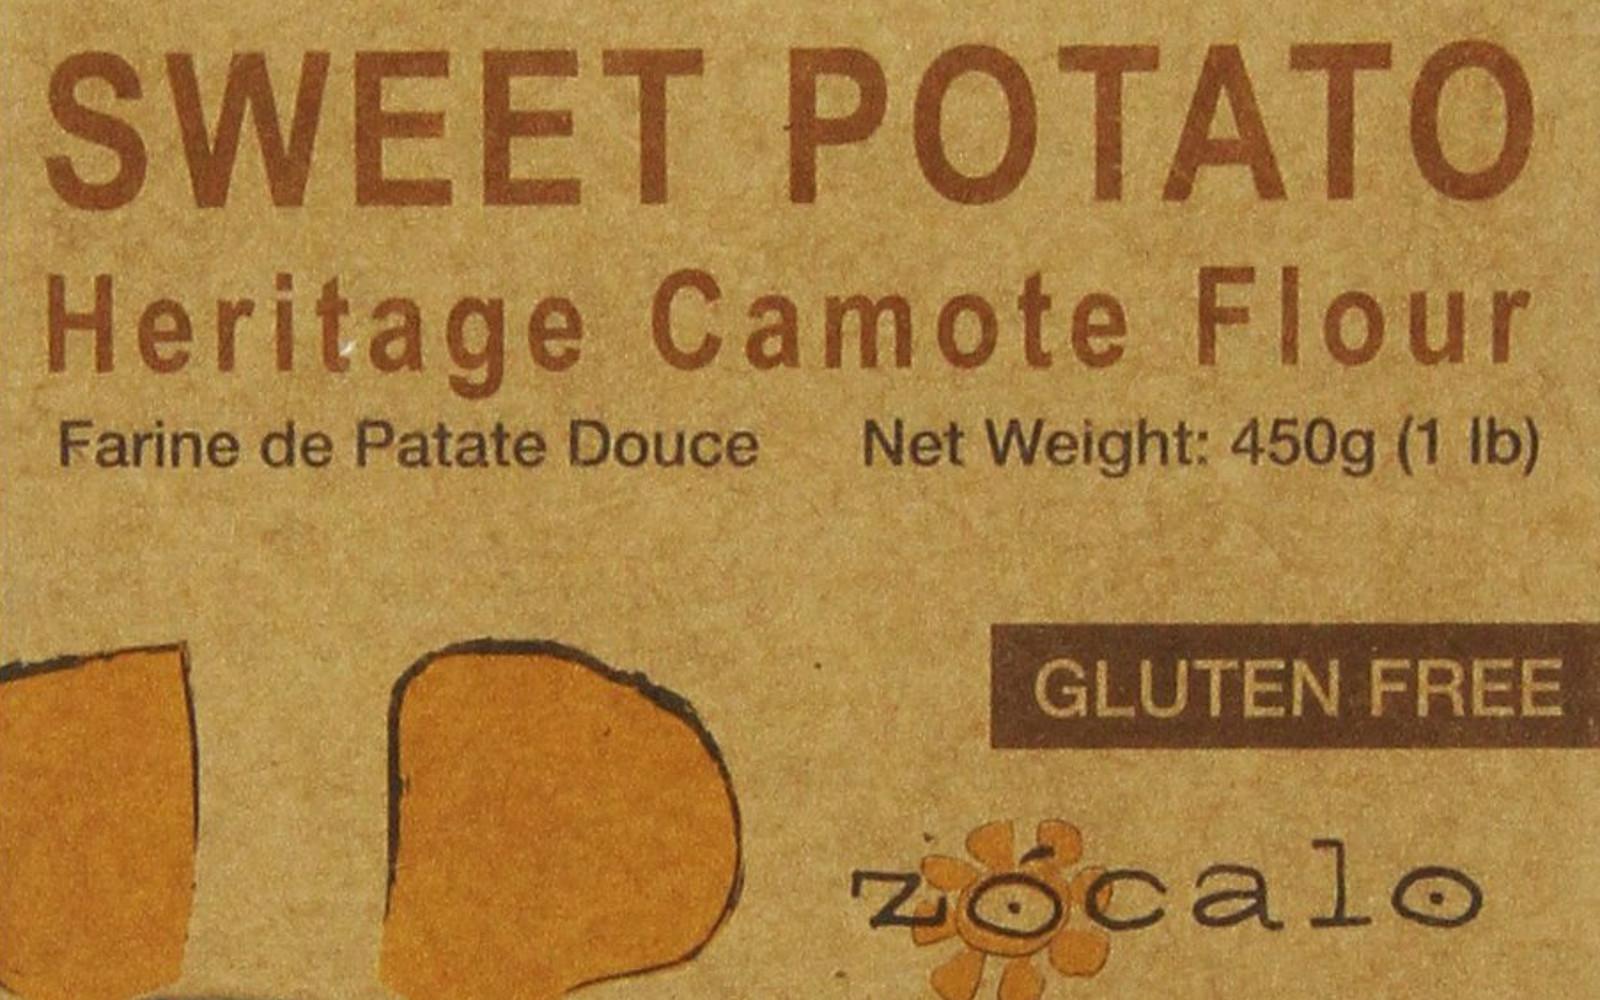 Zocalo Peru Sweet Potato Flour